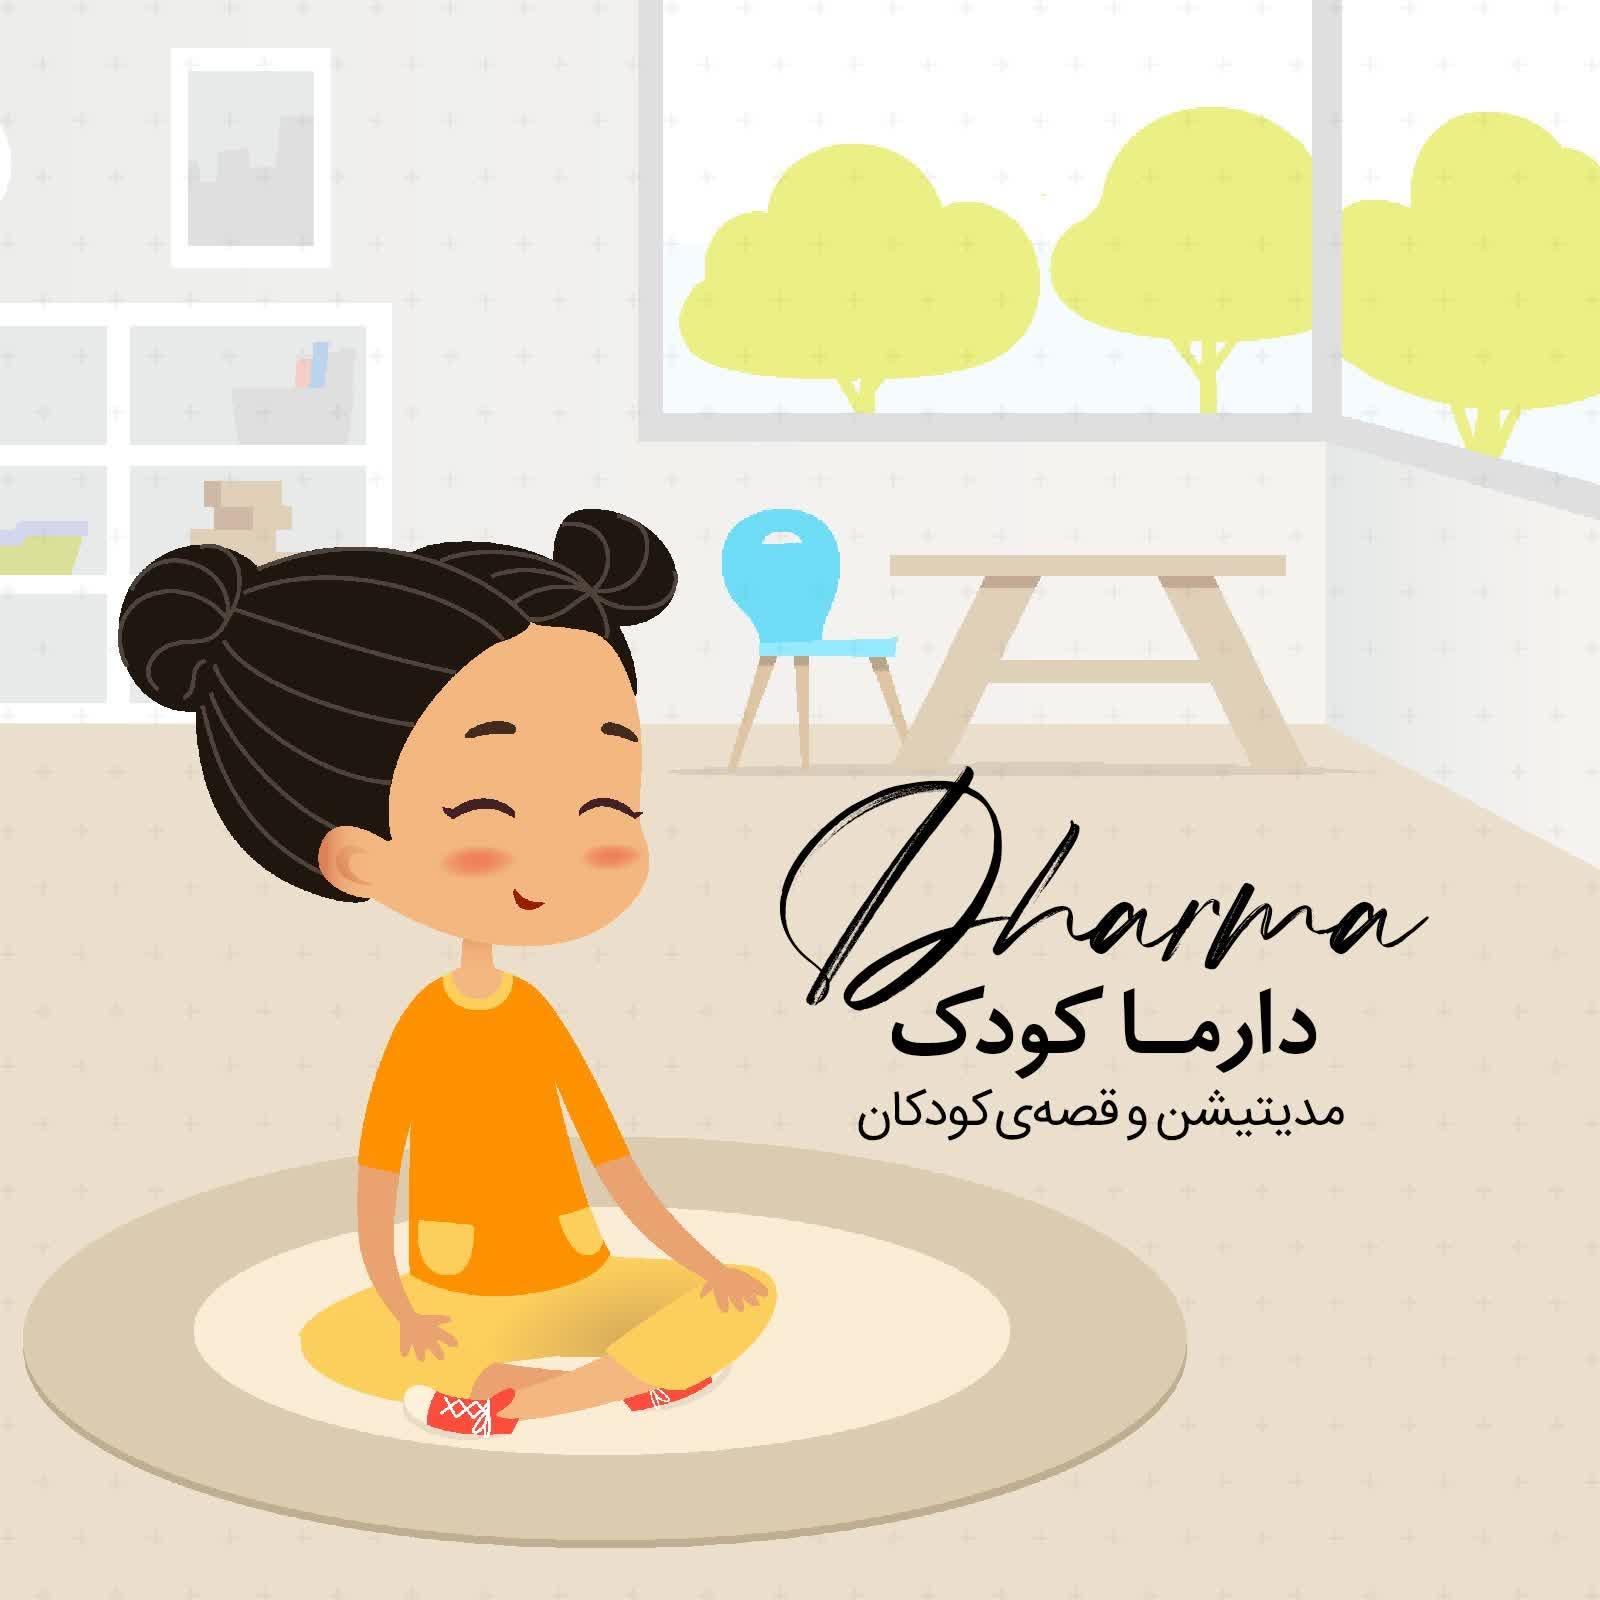 دارما کودک، پادکست مدیتیشن و قصهی کودکان